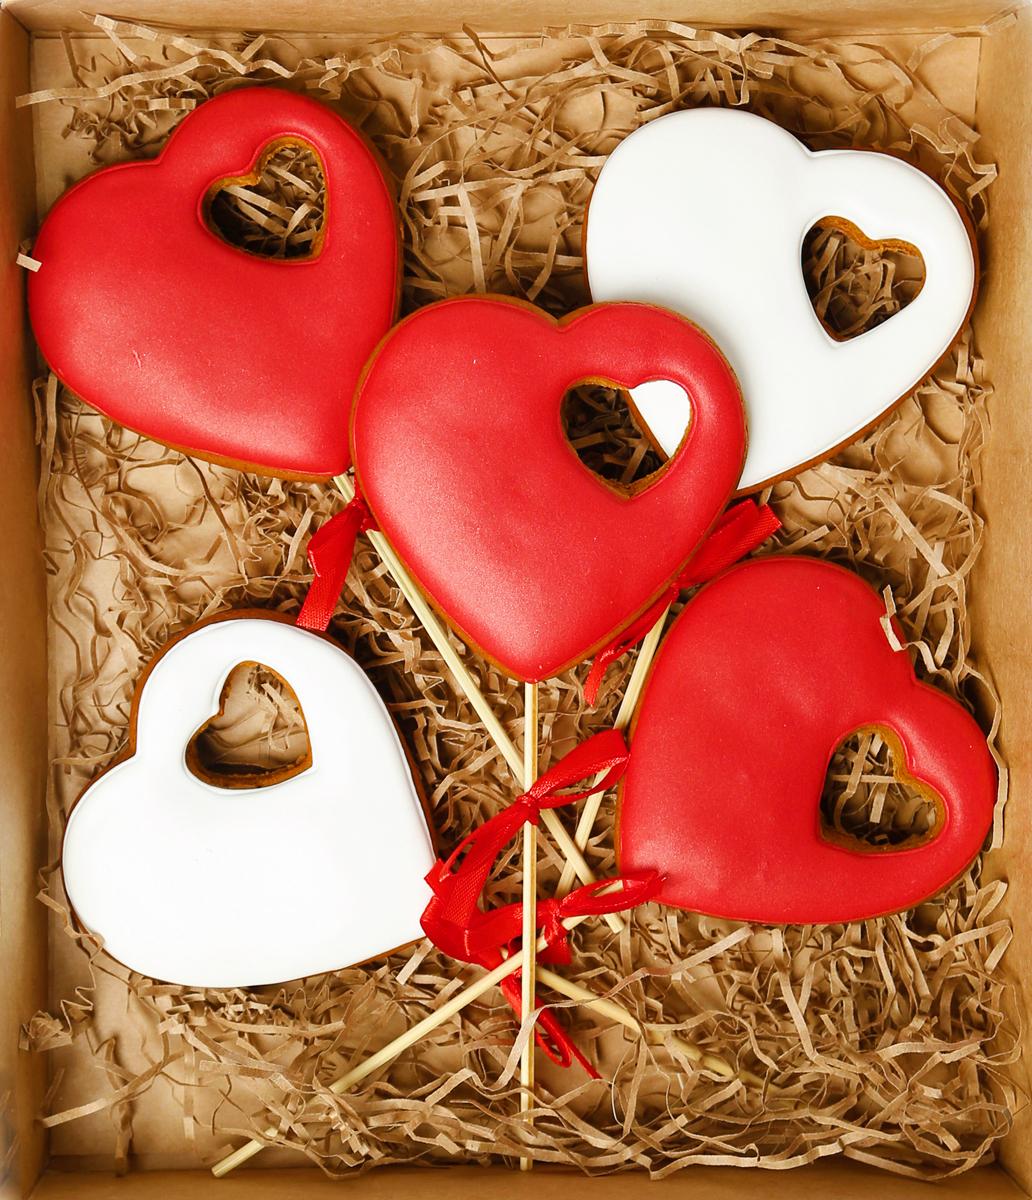 Жуковский пряник Подарочный набор Сердце в сердце, 5 шт00-00002405Медово-имбирный пряник с росписью из айсинга, фотопечатью на сахарной бумаге. Отличный подарок для любимых. Без ГМО.